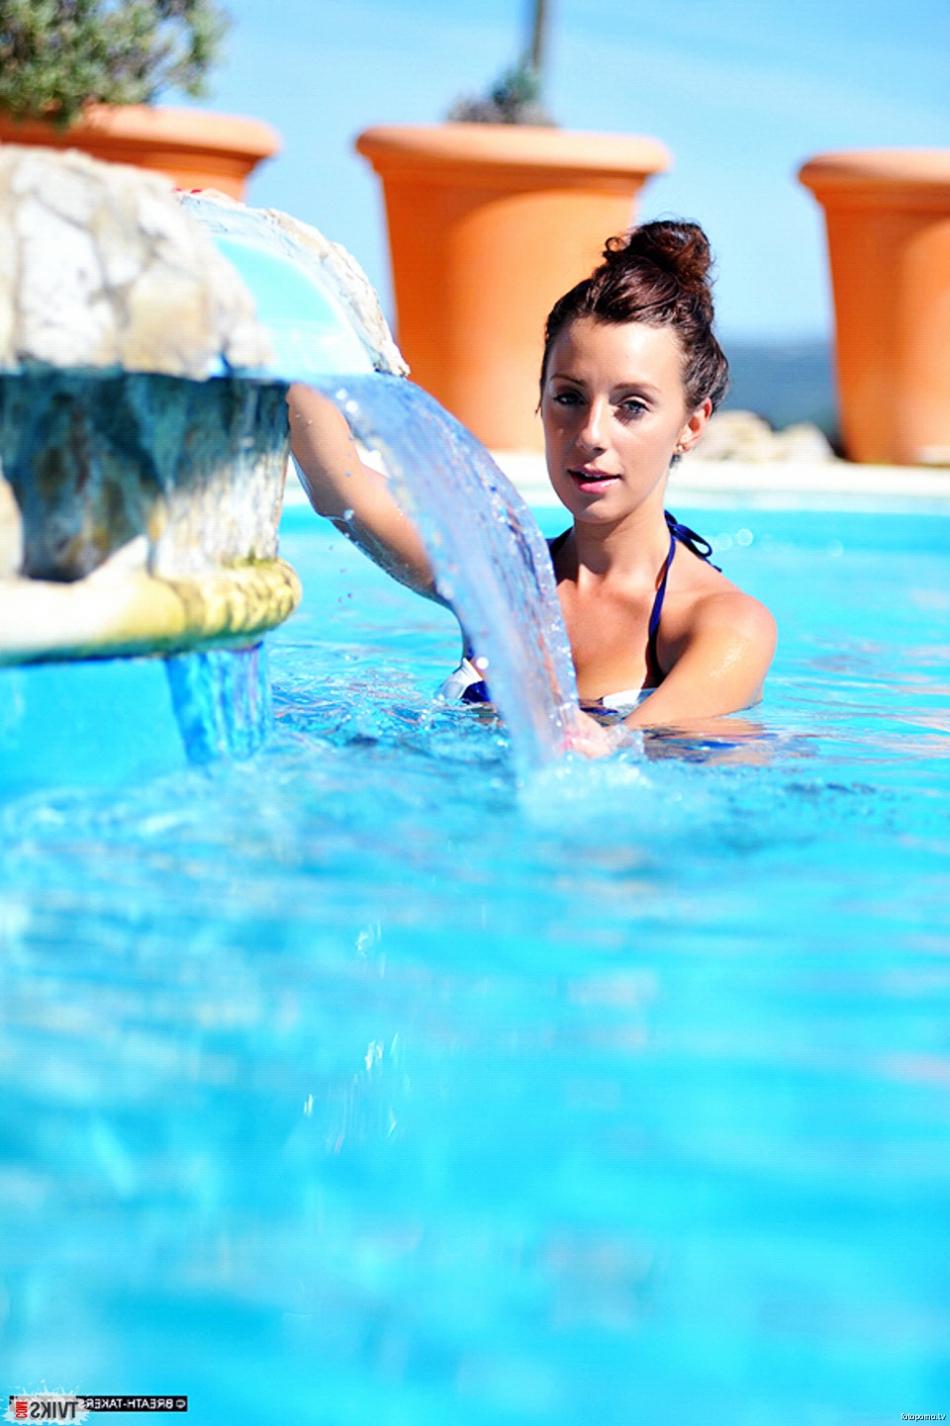 Блонди с упругими дойками делает селфи у бассейна